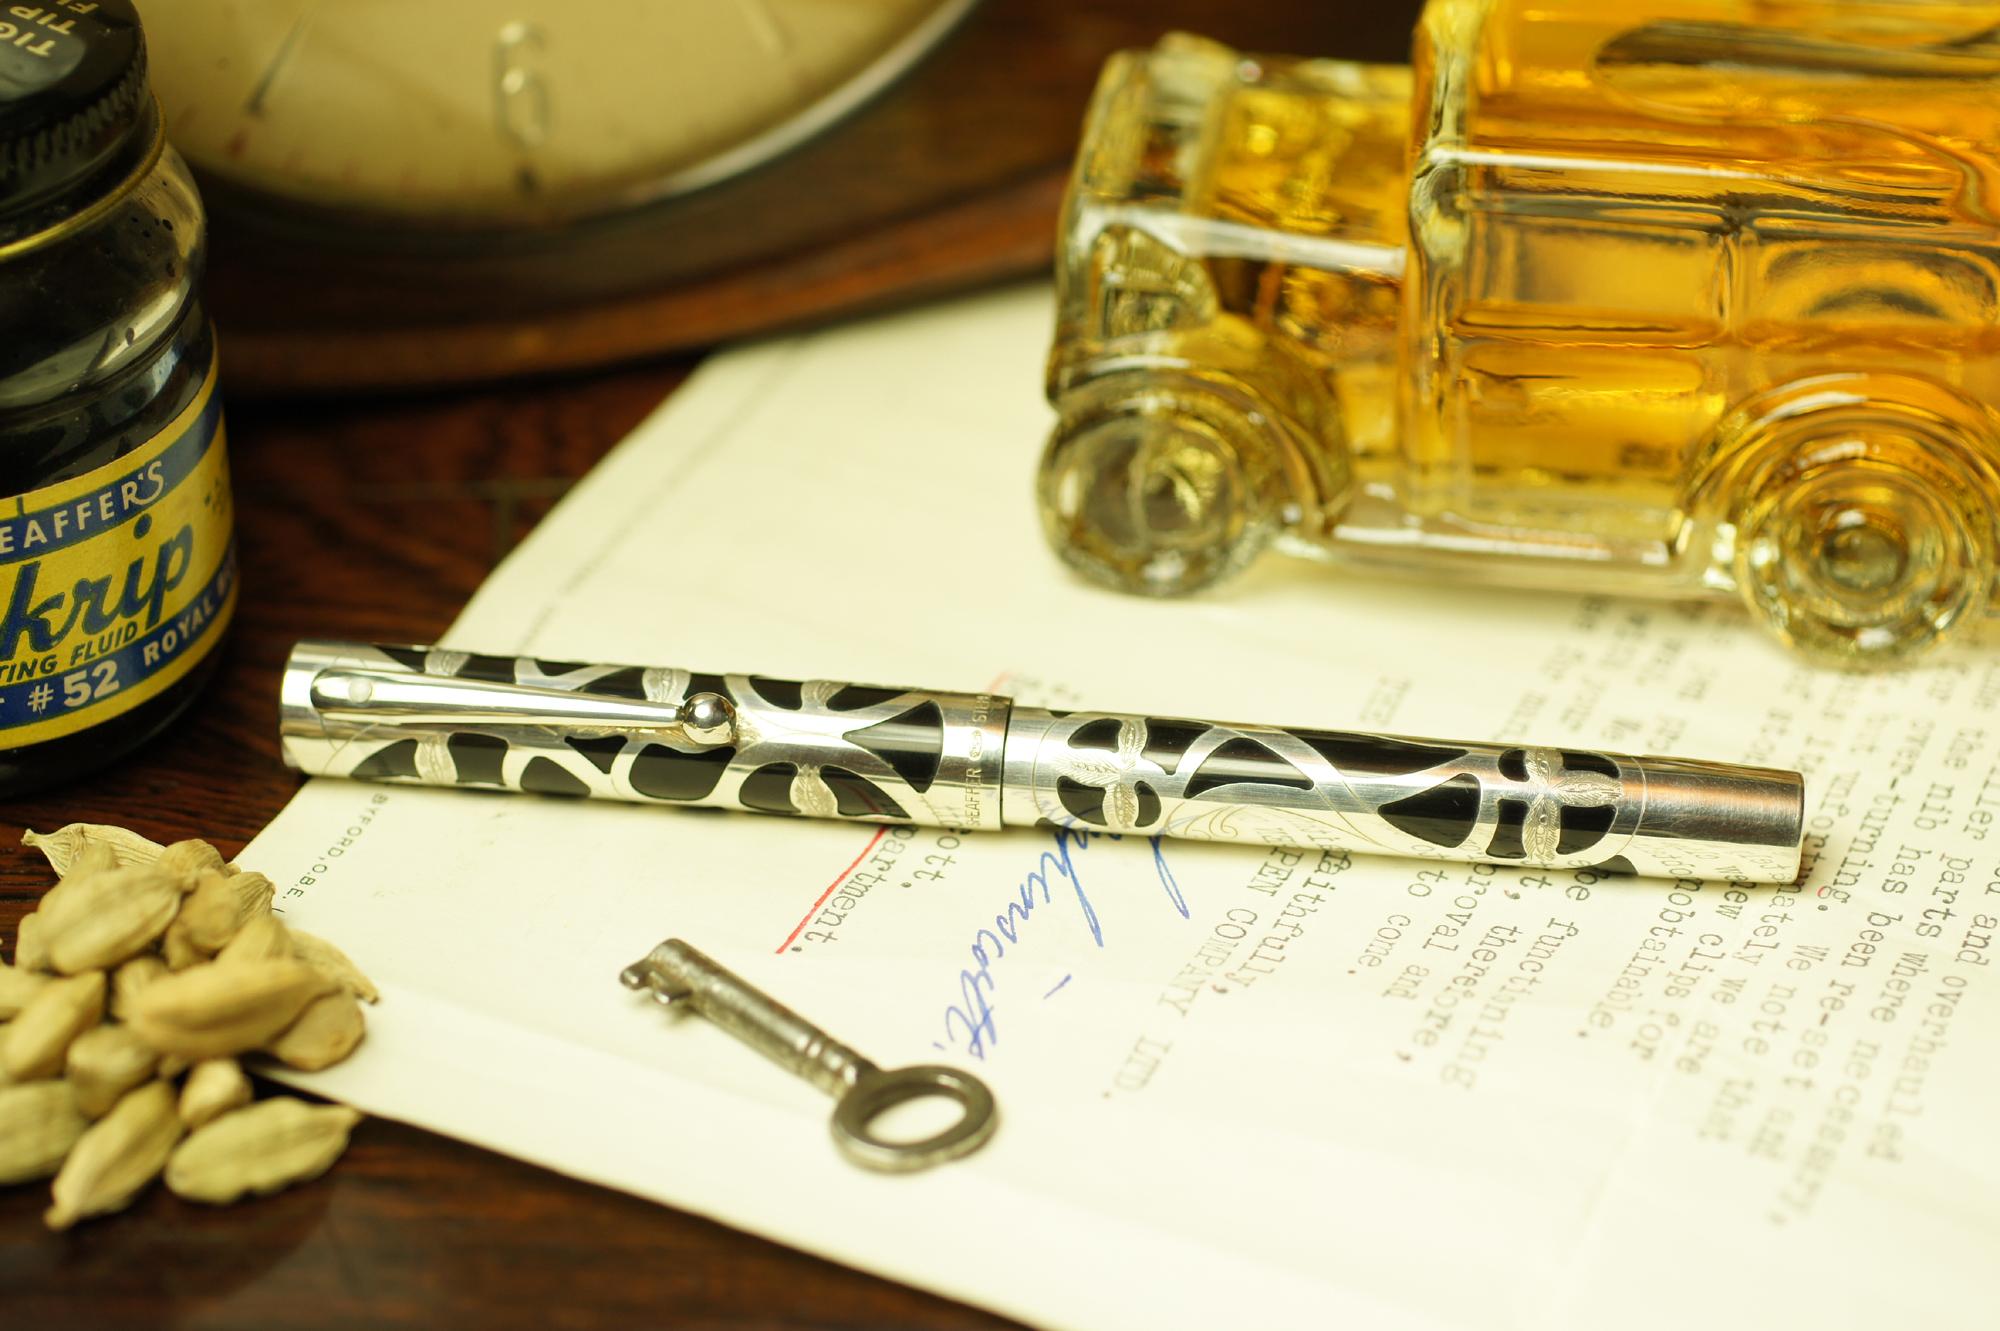 vintage fountain pen heritage collection - PastPens.com